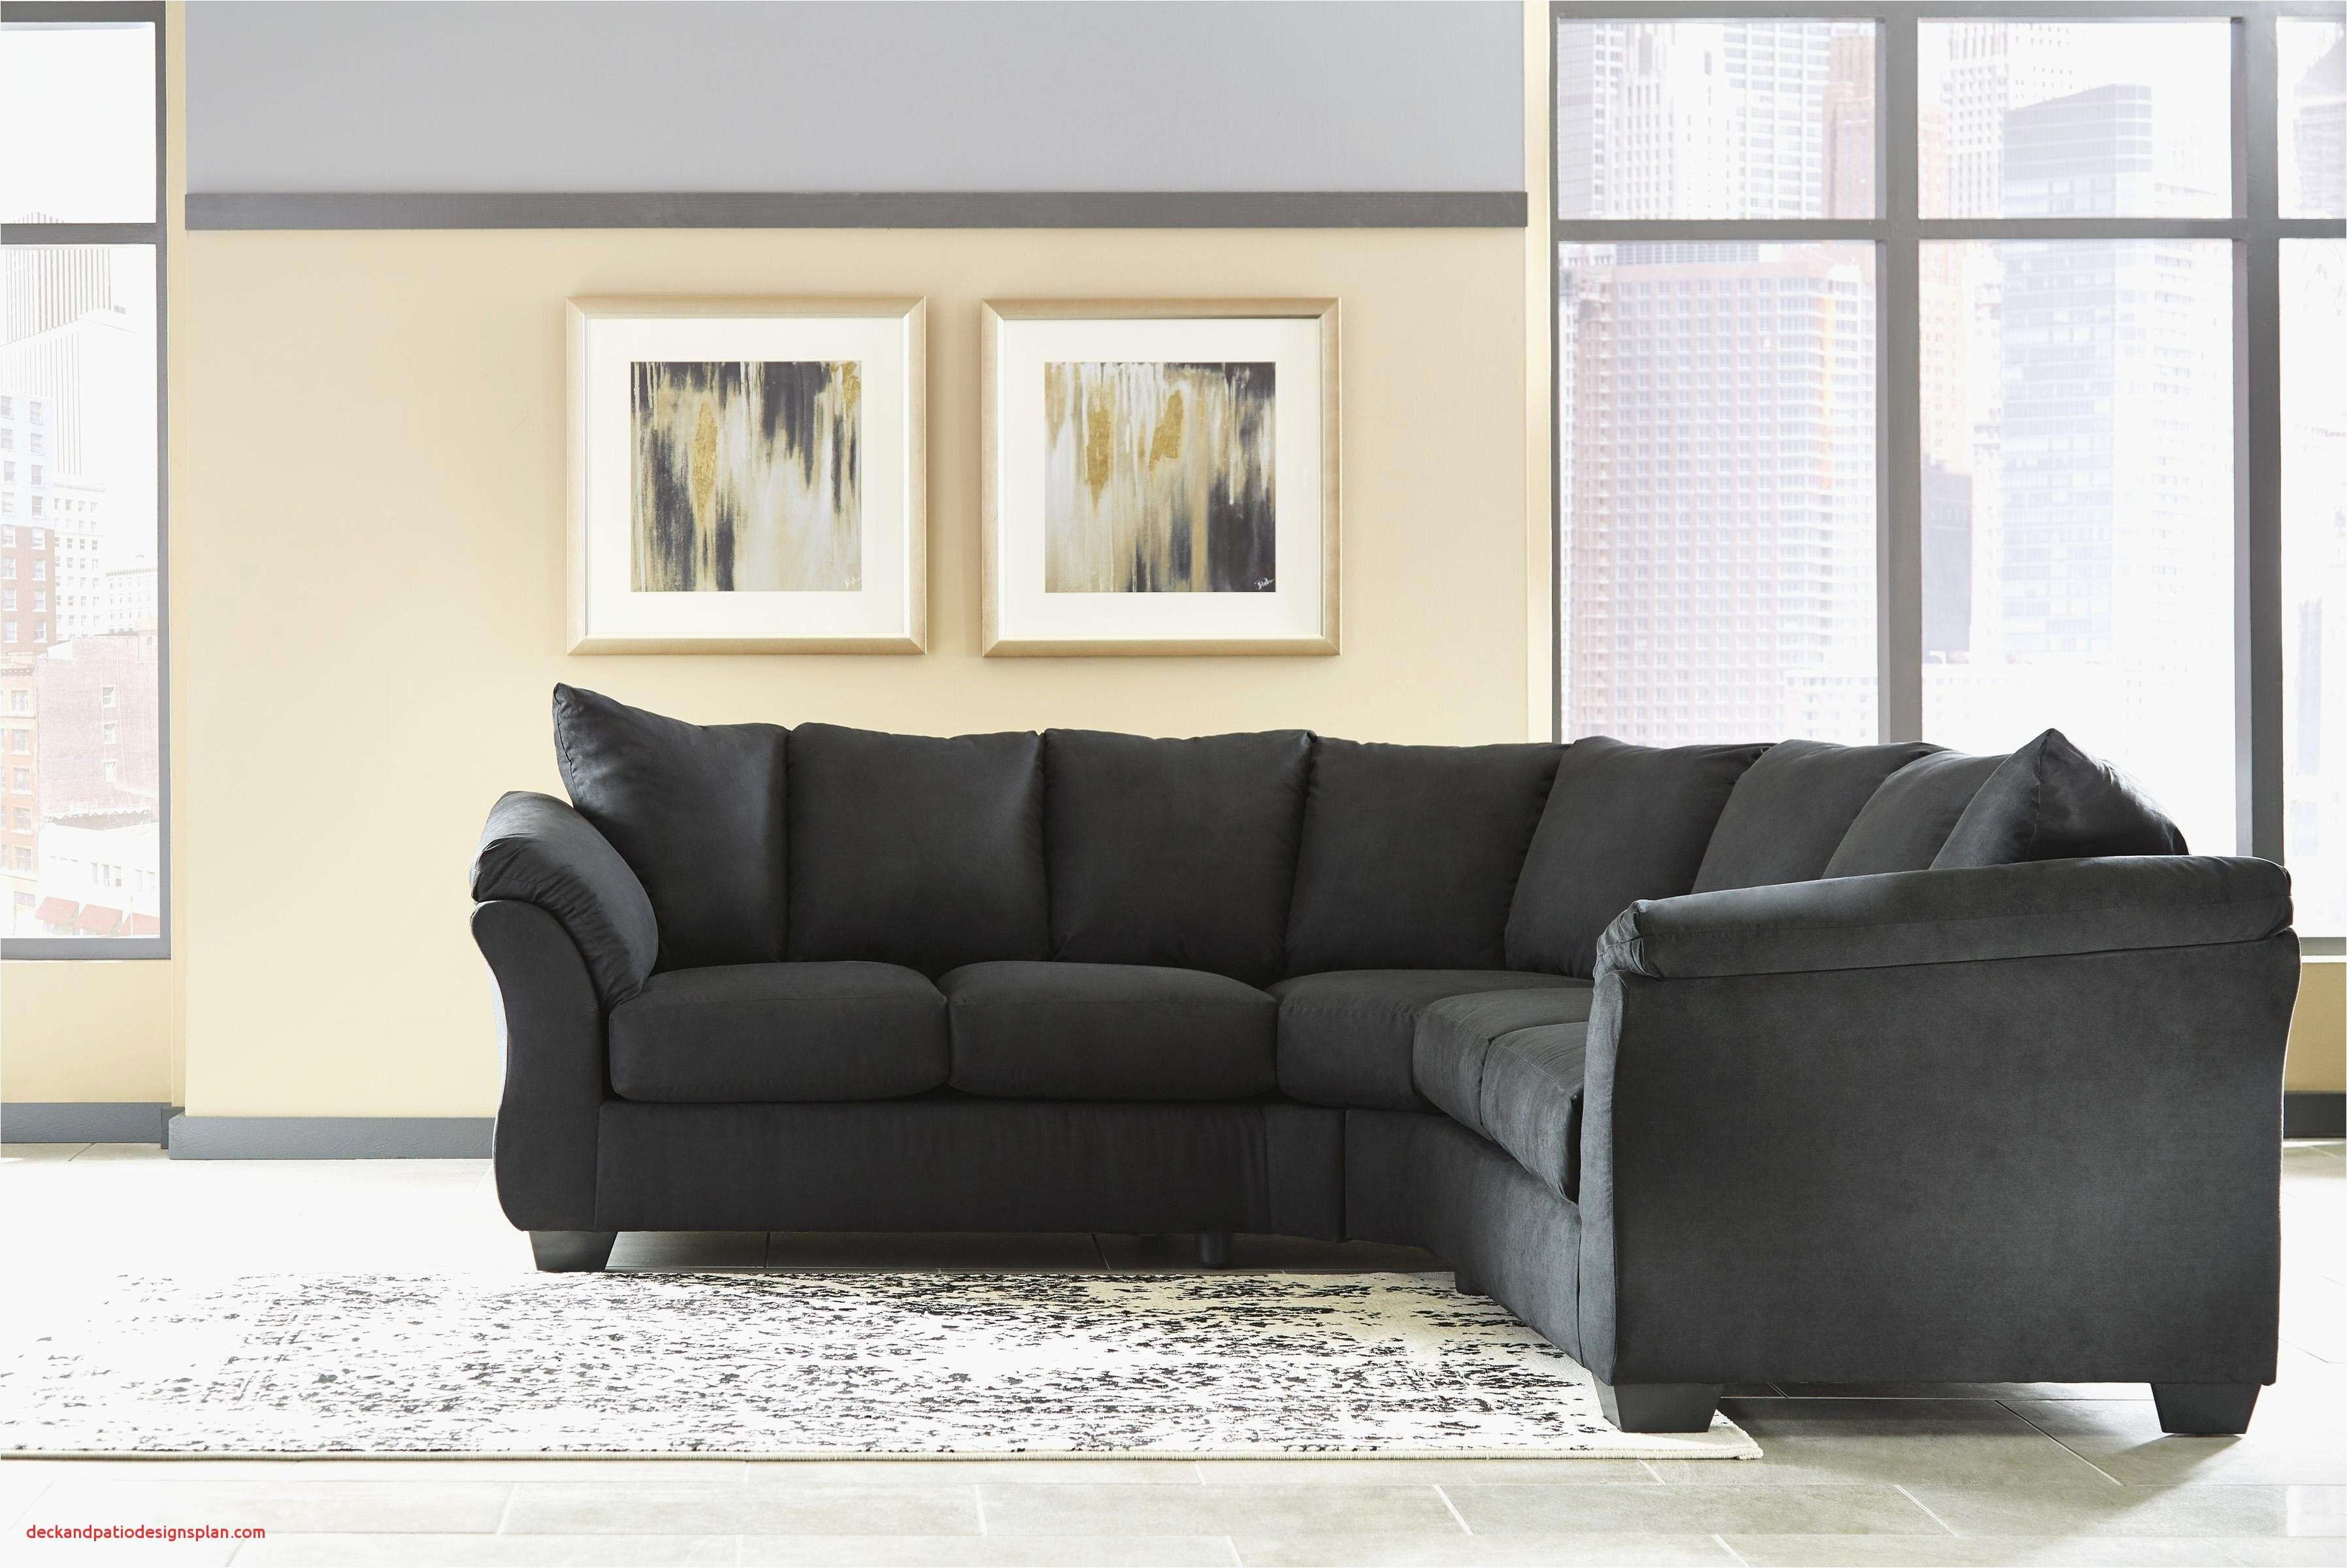 Indoor furniture takeaway room living room furniture great luxury takeaway room sofa YIJVYBY